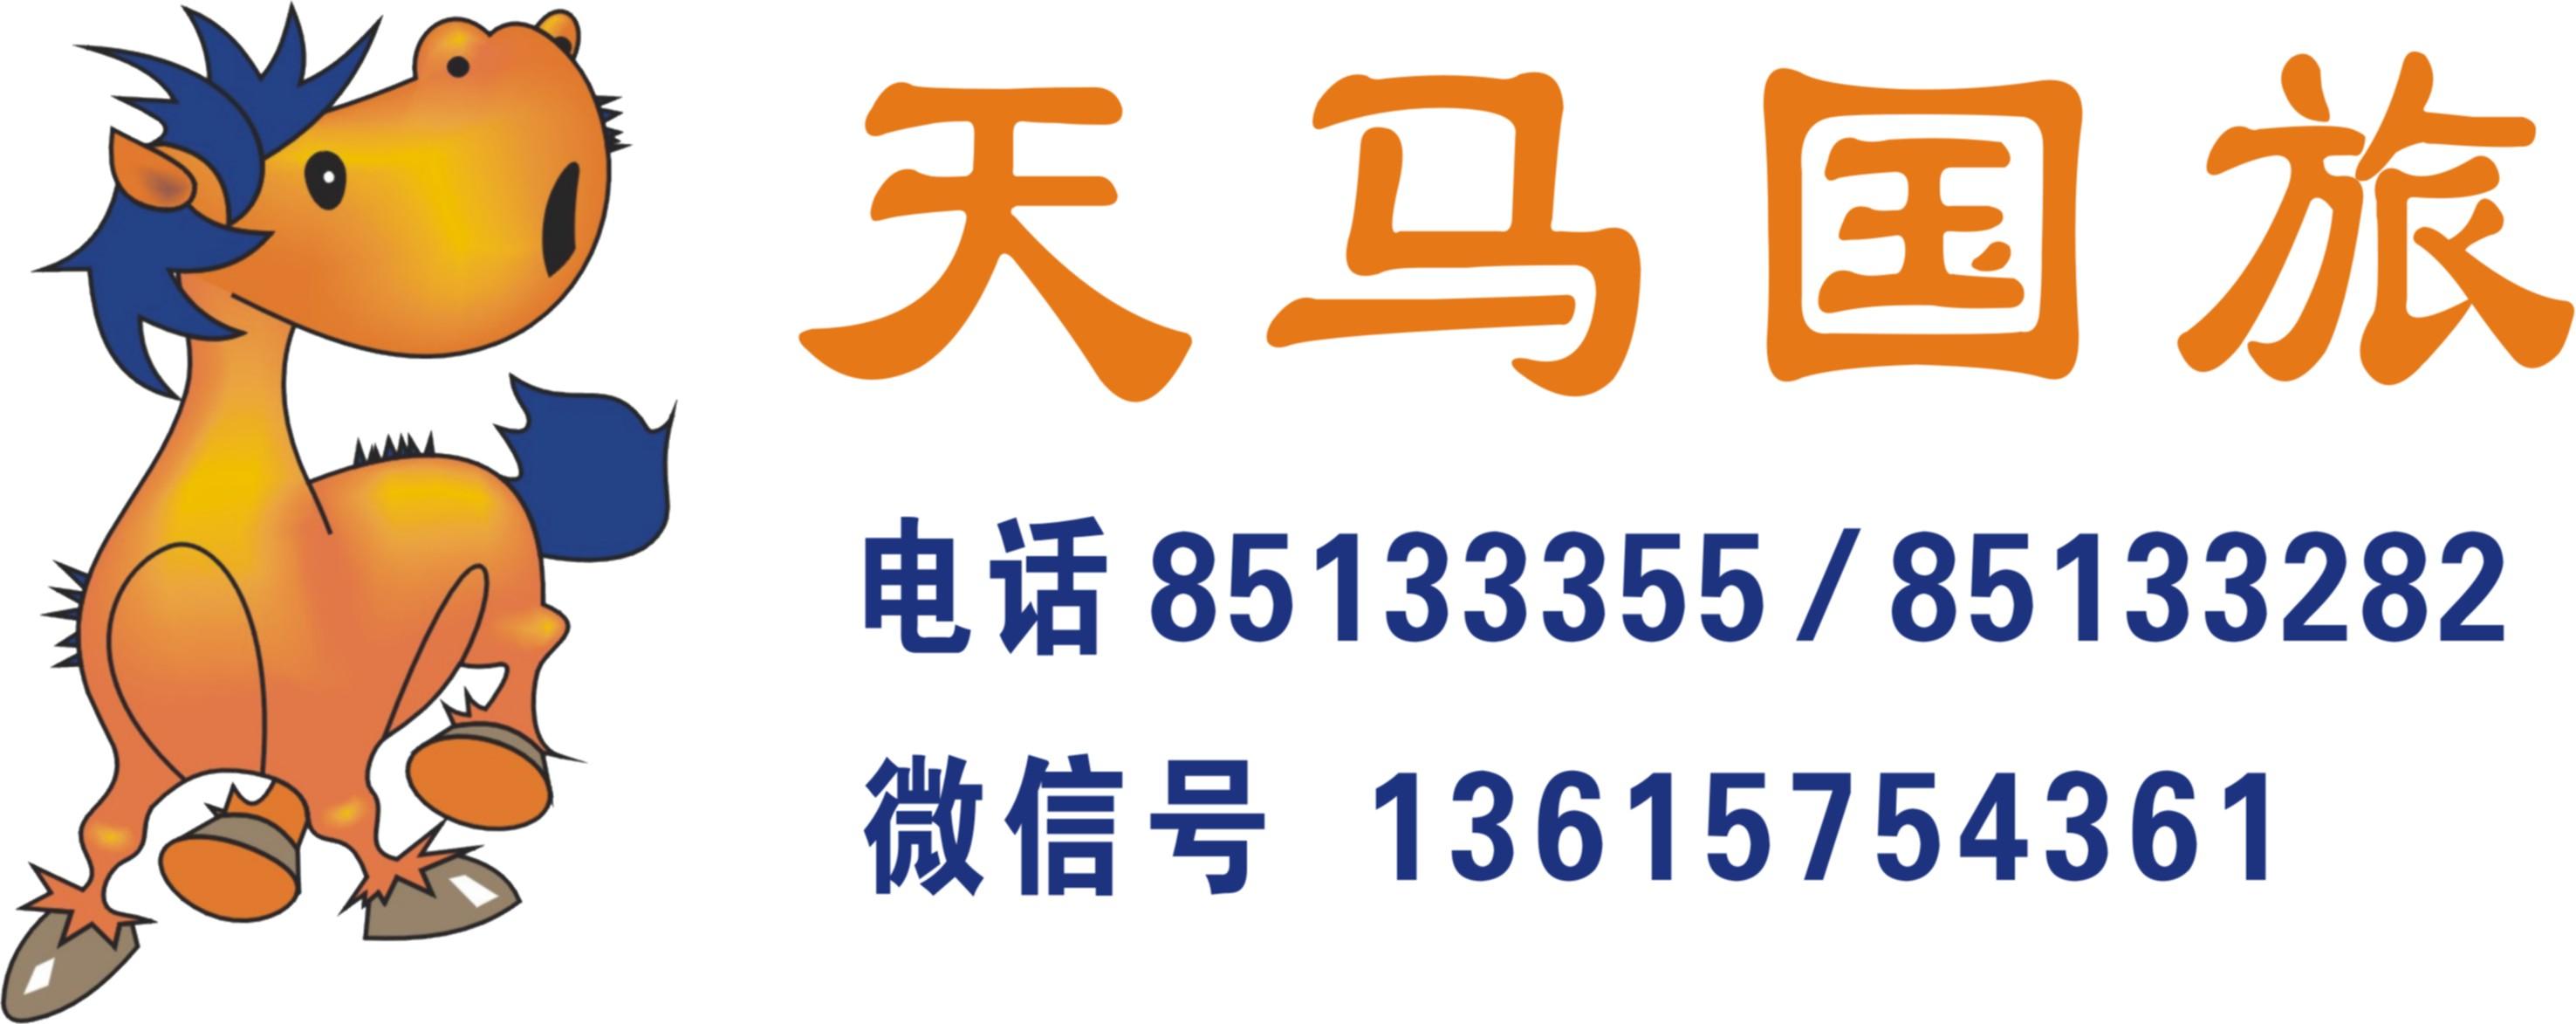 春节【那一寨-西双版纳绿色康养之旅5日游】纯玩,4人起小包团